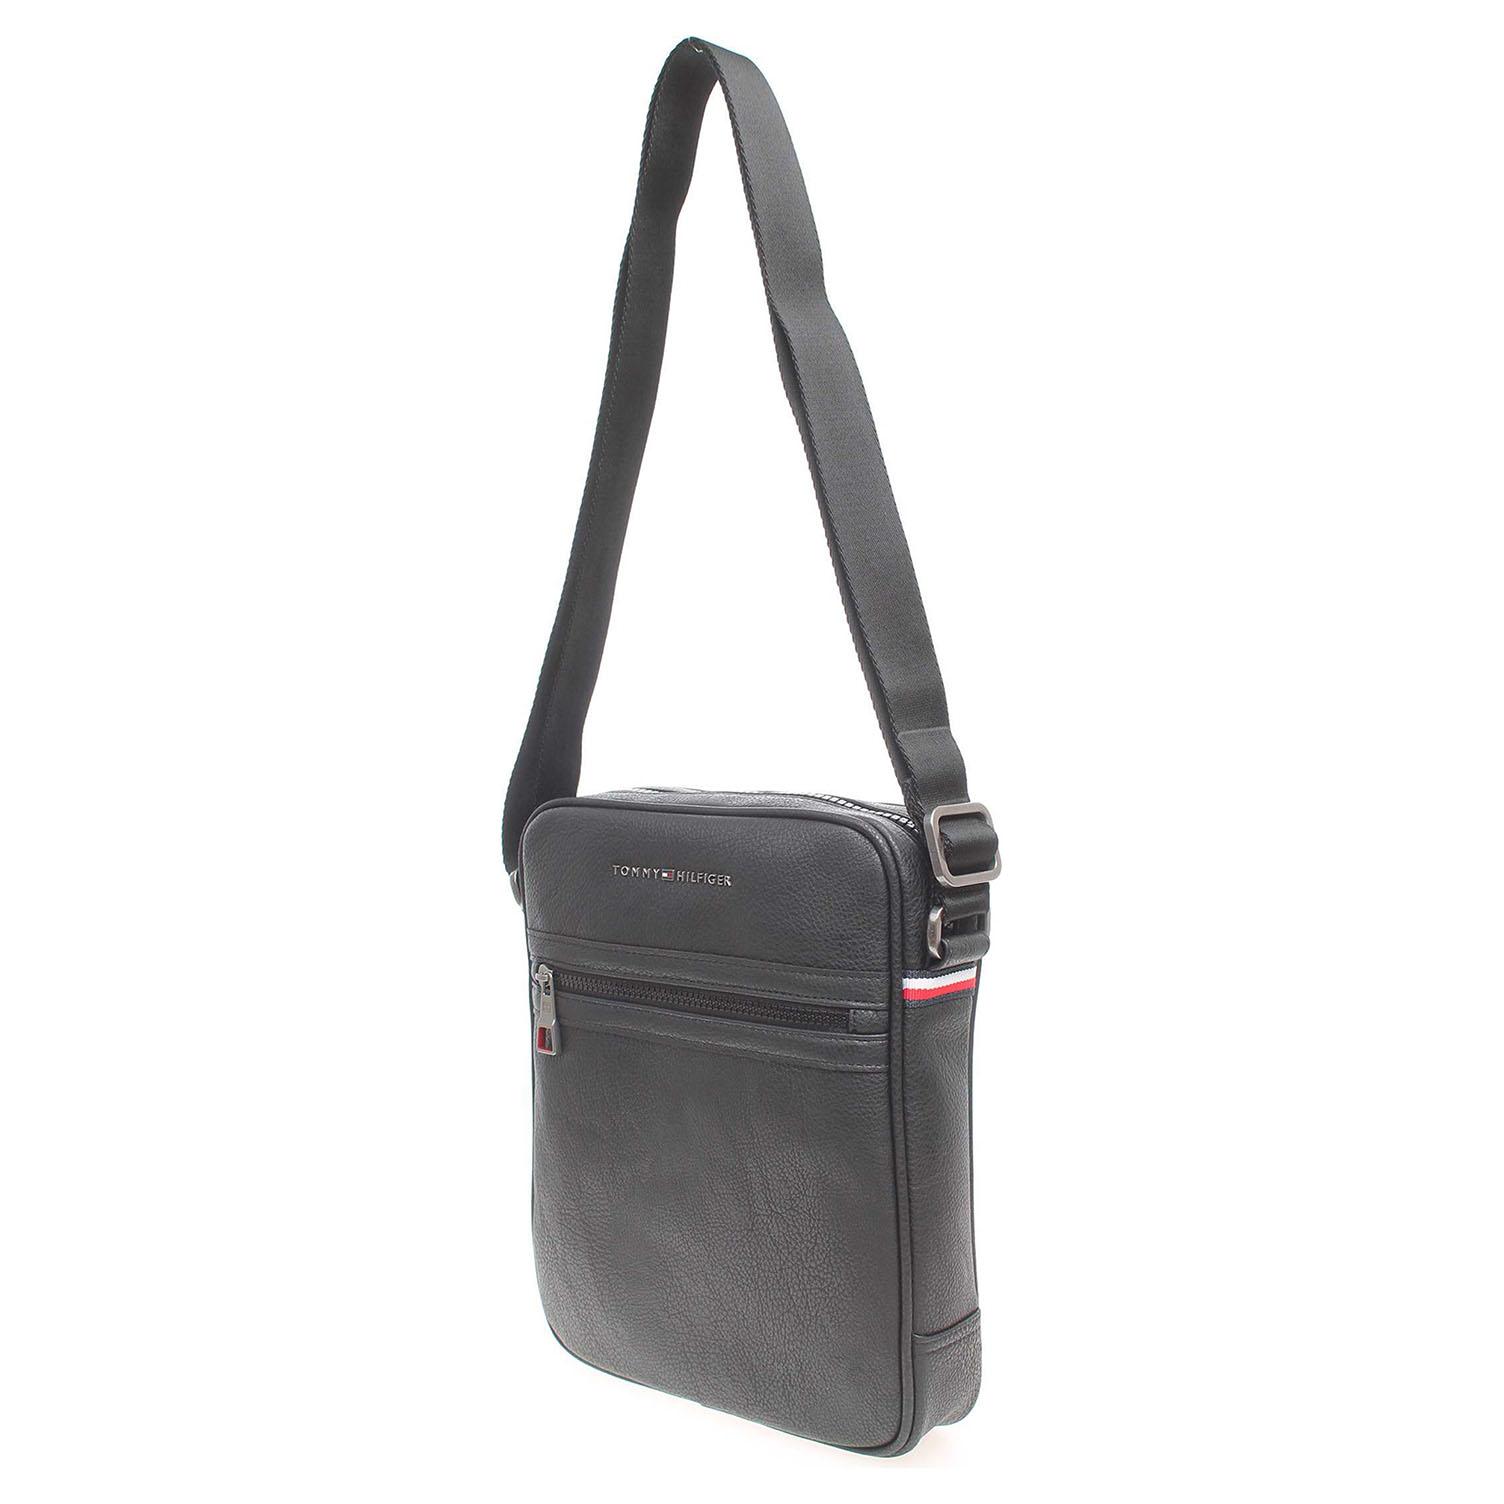 Ecco Tommy Hilfiger pánská taška AM0AM01716 černá 10701175